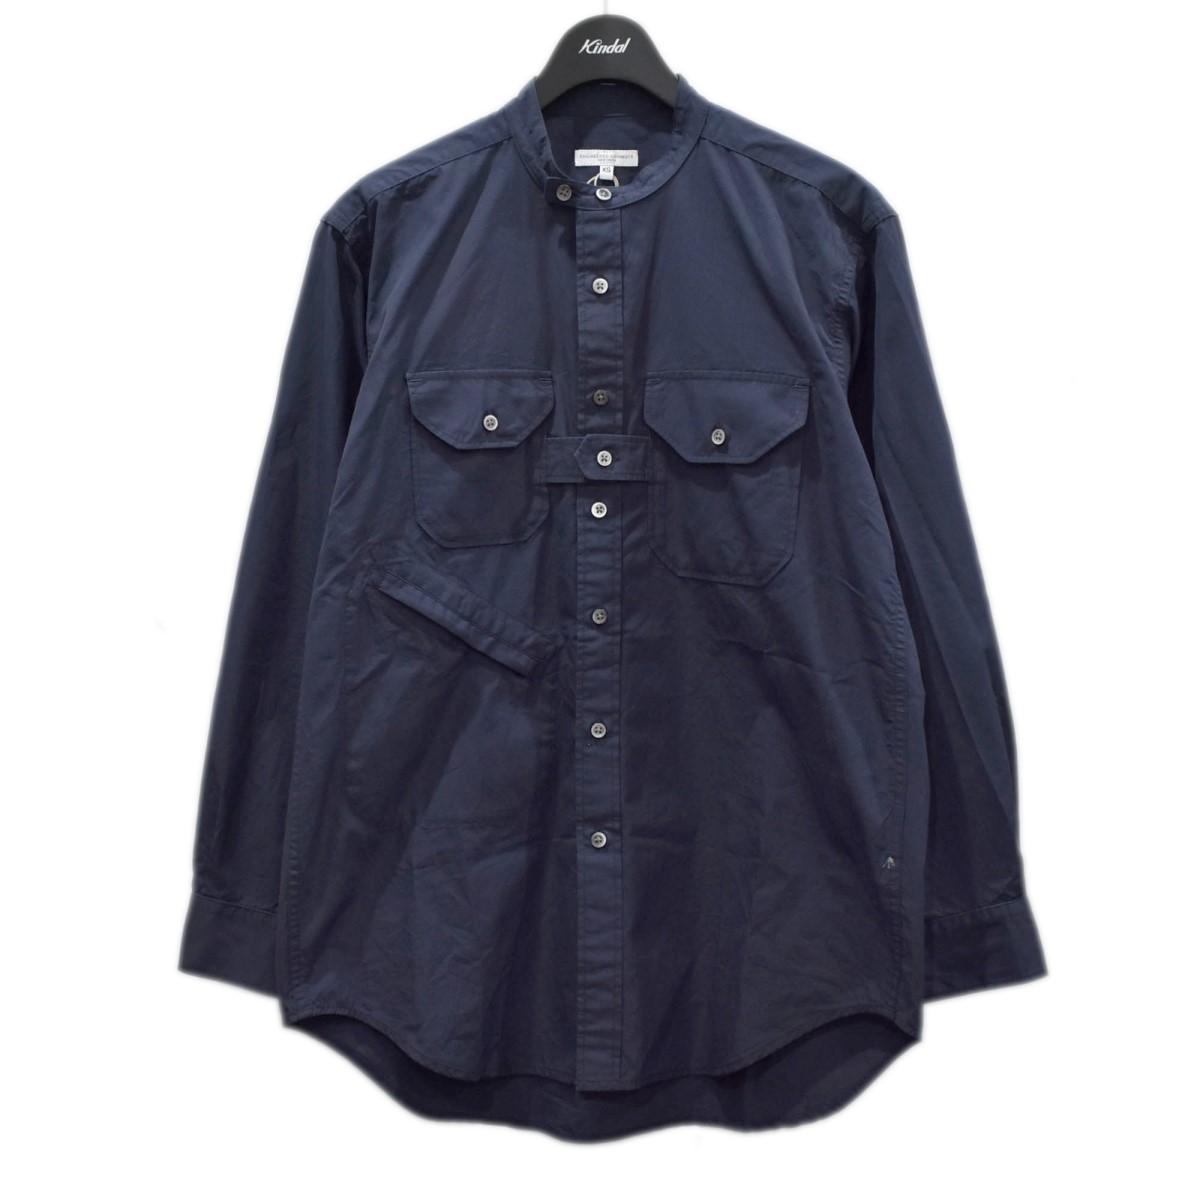 エンジニアードガーメンツ 中古 Engineered Garments21SS 送料無料お手入れ要らず Banded Collar Shirt 8月19日見直し ネイビー サイズ:XS 期間限定お試し価格 バンドカラーシャツ